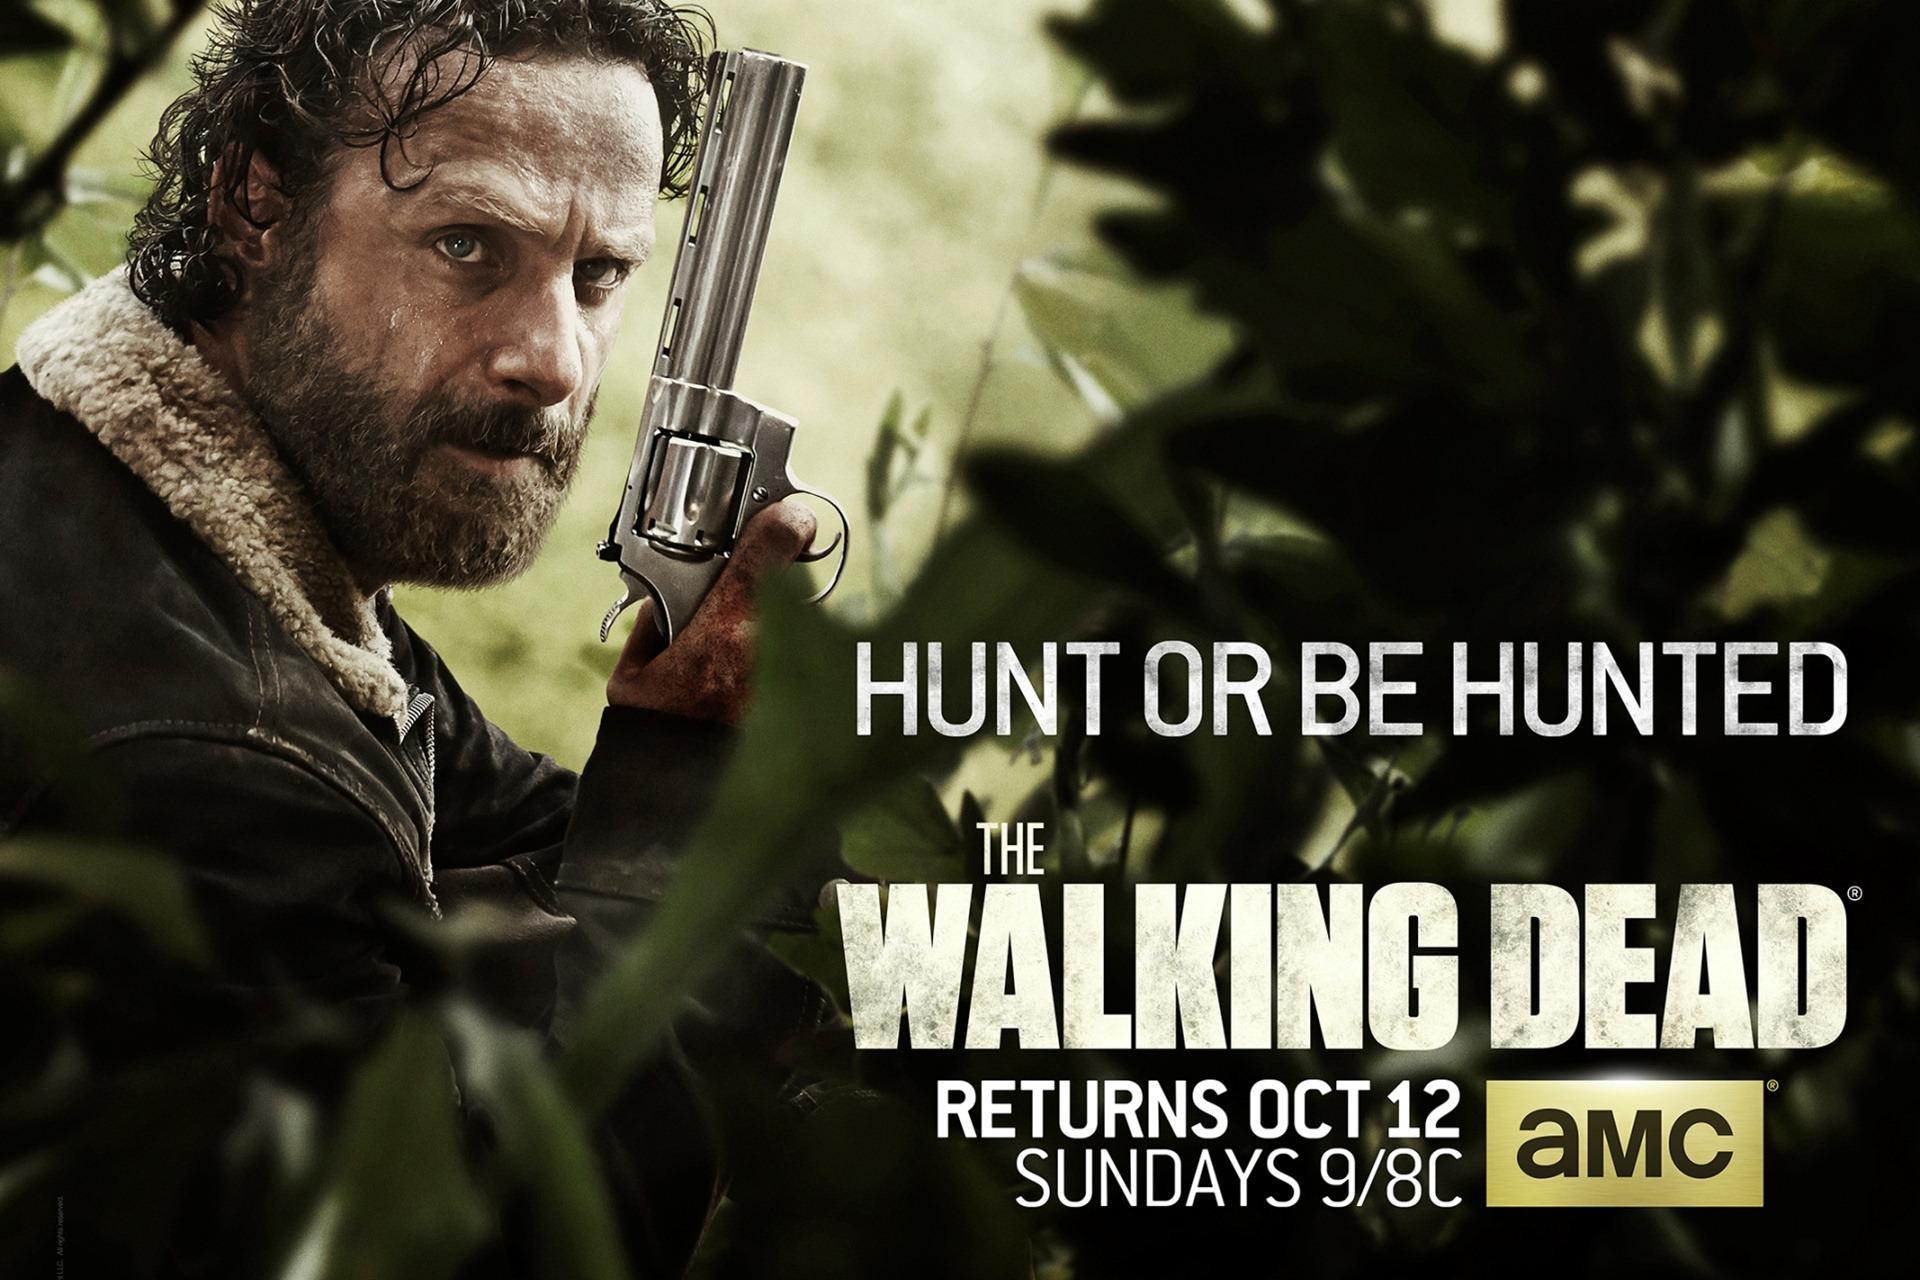 The Walking Dead Season 5 Wallpaper 46241 1920x1280px